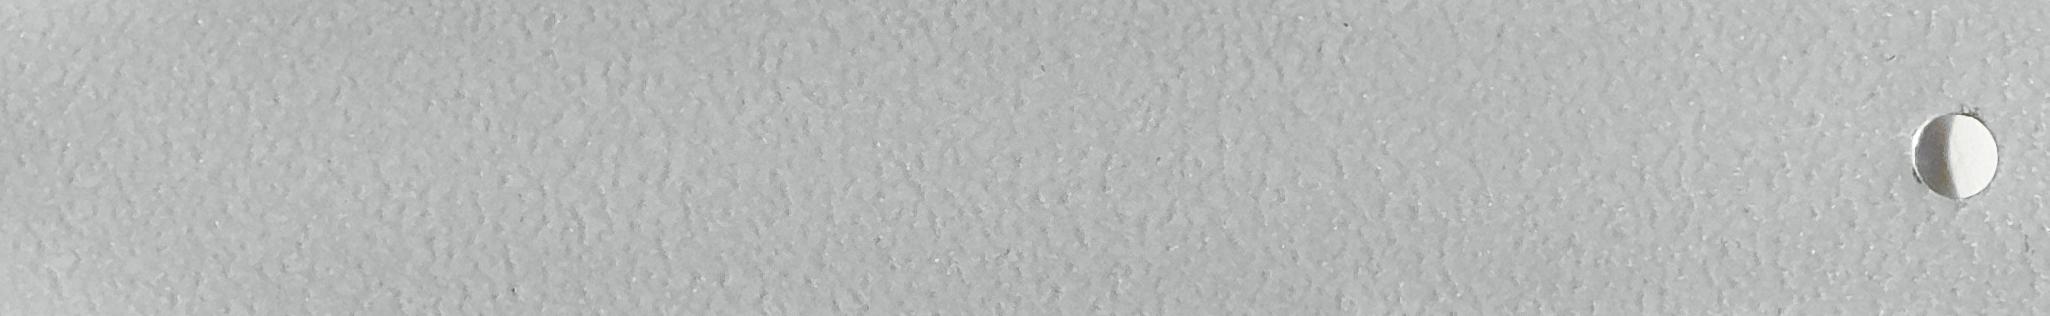 9457 Hammered Silver 25 mm slat